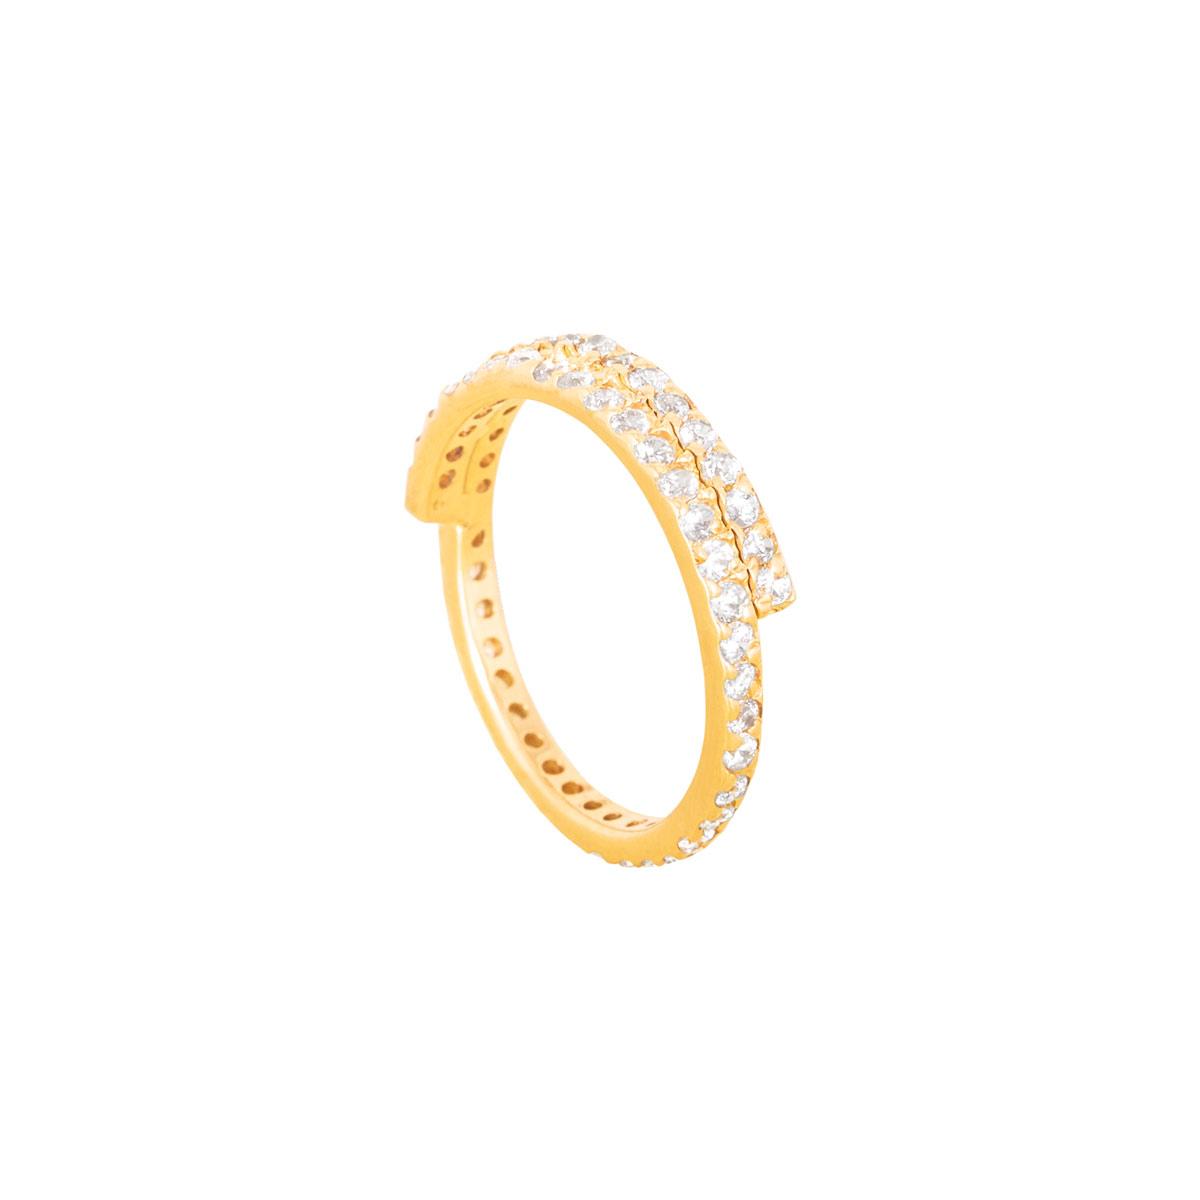 انگشتر طلا دو رینگ نگین دار پرسته |parasteh